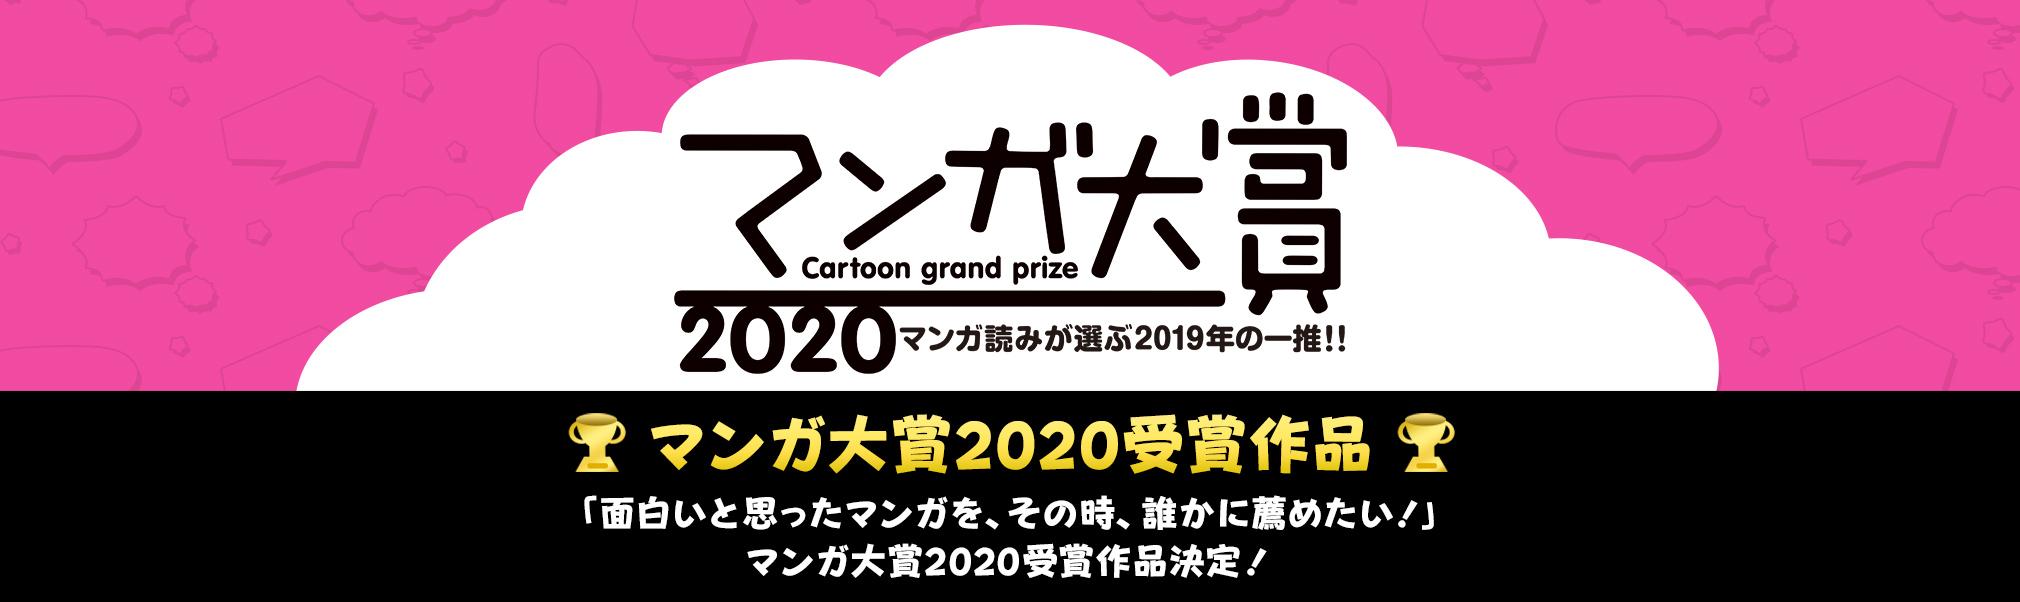 マンガ大賞2020 マンガ読みが選ぶ2020年の一推!! マンガ大賞2020ノミネート作品決定!